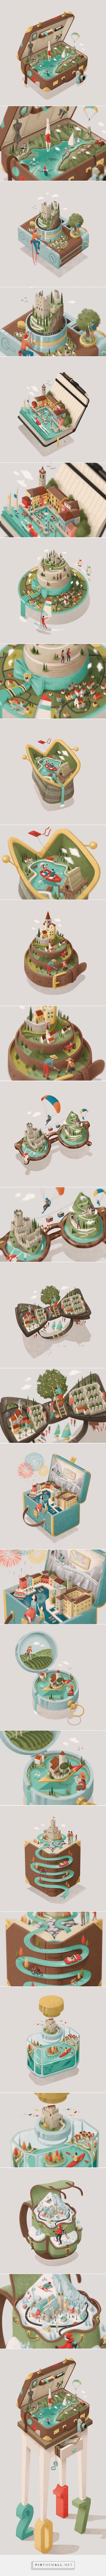 Illustrated calendar for Rural Fund Alto Garda on Behance. Andrea De Santis.